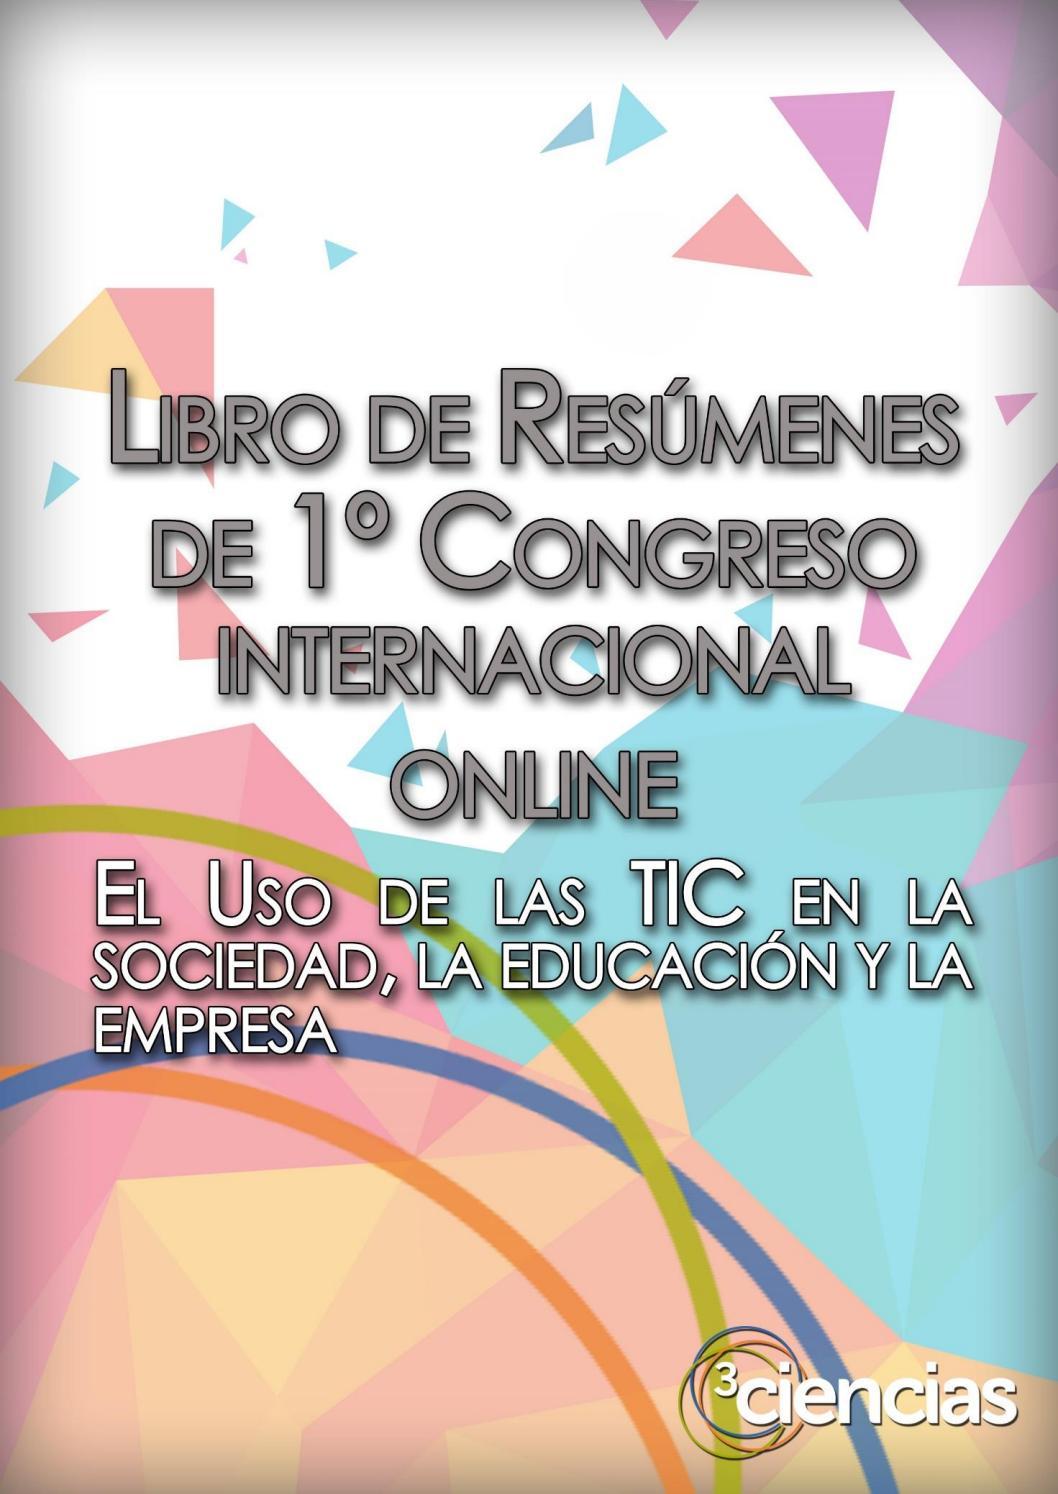 Libro de resúmenes del 1er congreso internacional online del uso de ...